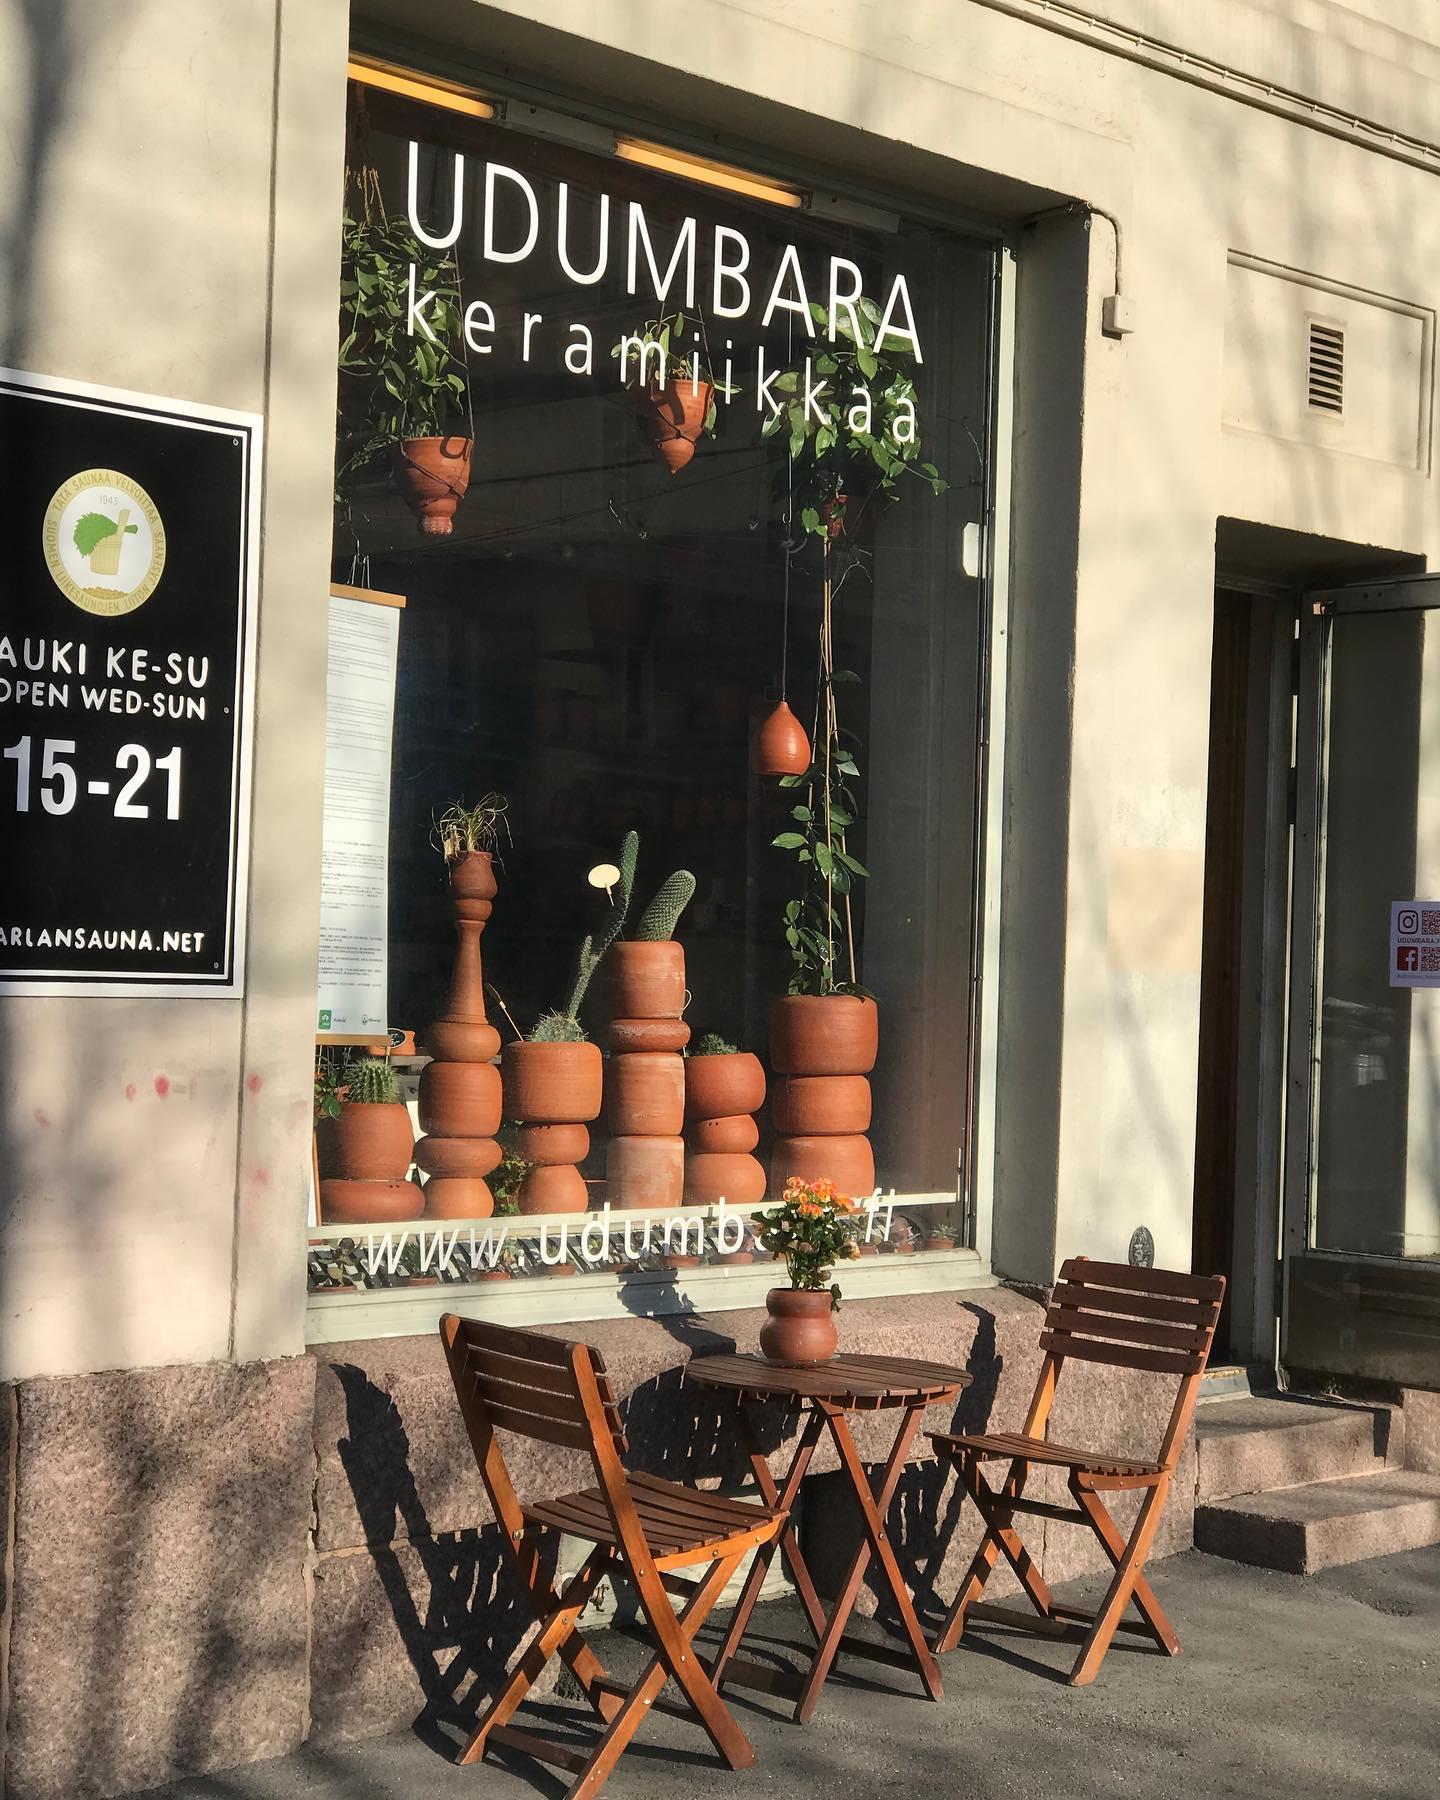 Welcome to visit Udumbara studio. Tervetuloa käymään.